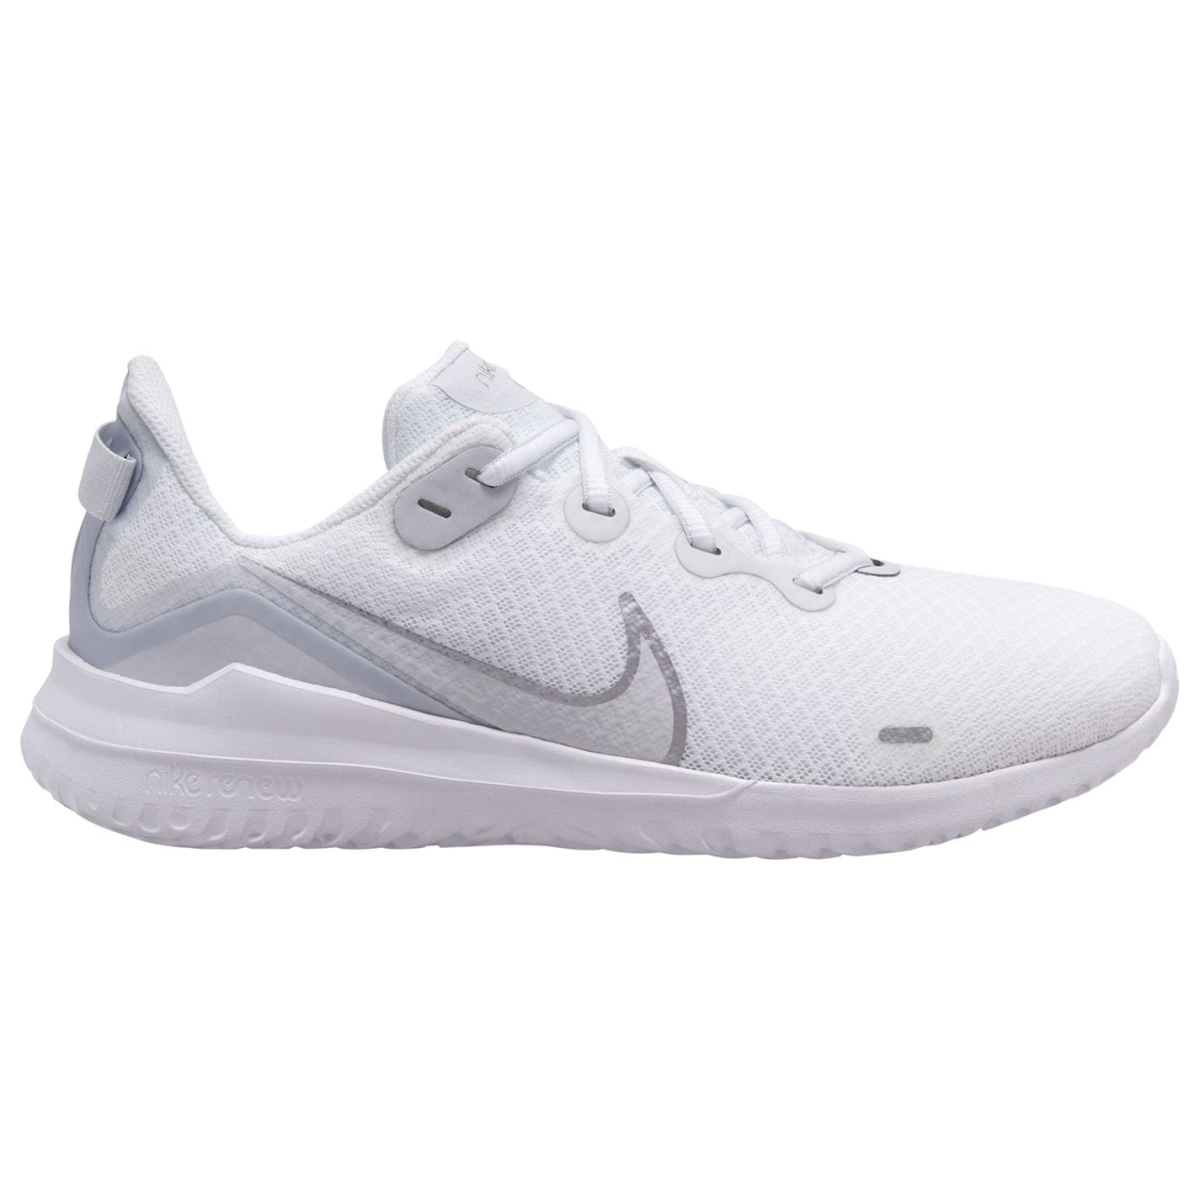 Nike Renew Ride Turnschuhe Damen Sneaker Sportschuhe Laufschuhe 1276